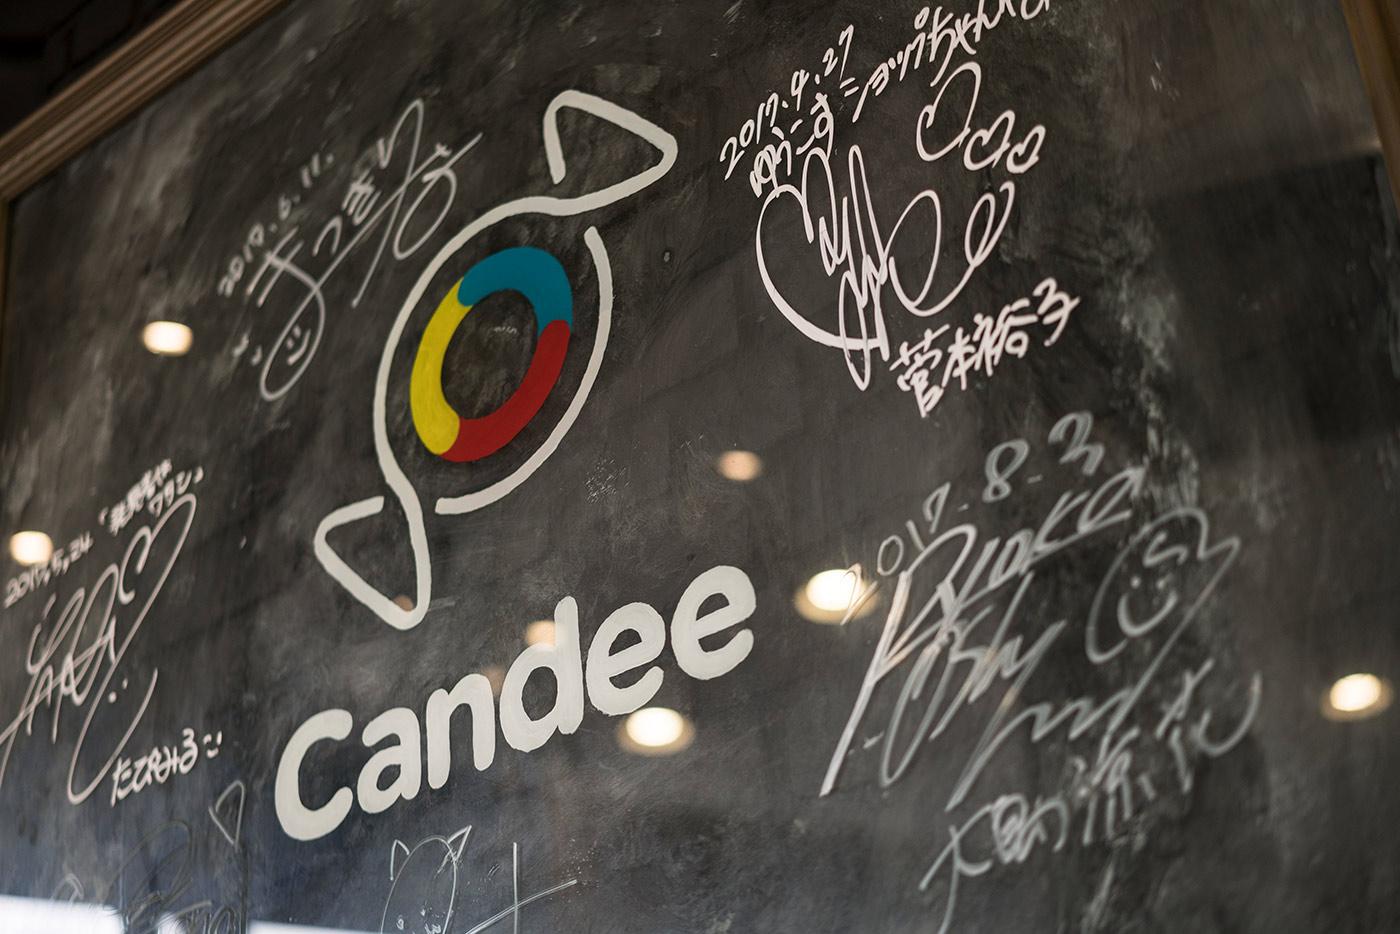 サイン 株式会社Candee